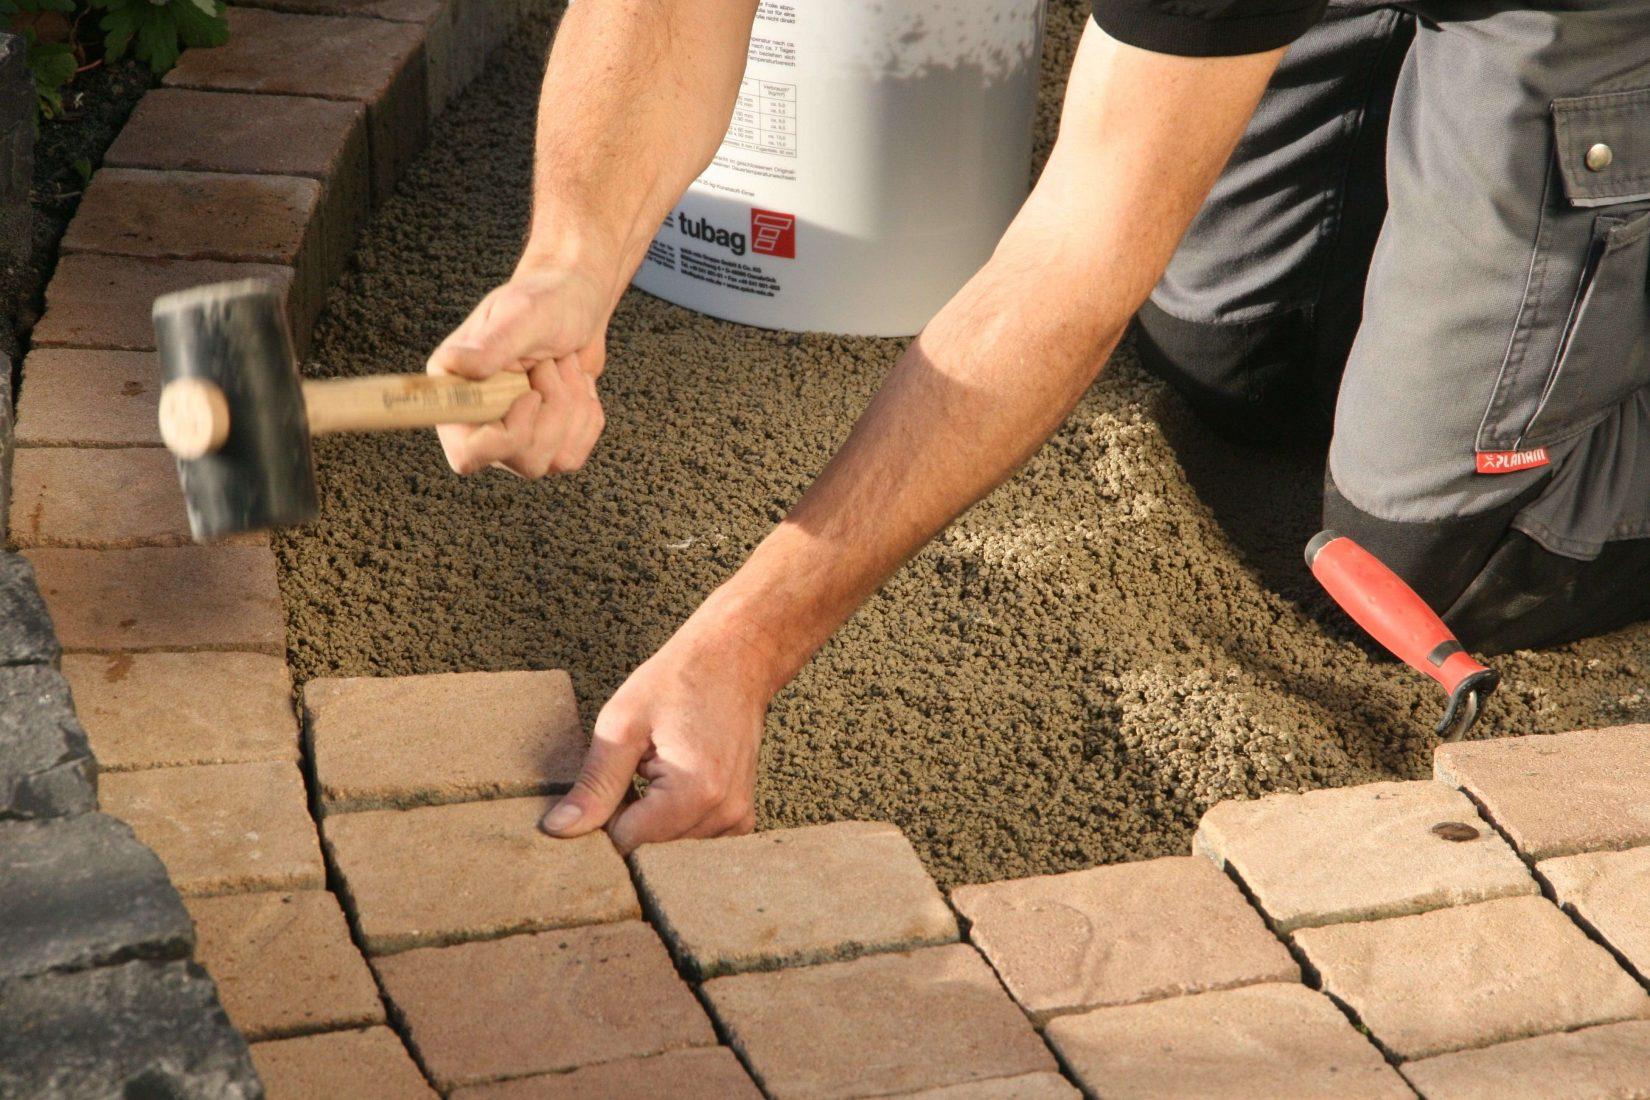 Trass-Grobkornmörtel zur Verlegung von Natursteinen im Außenbereich. Foto: quick-mix/Tubag